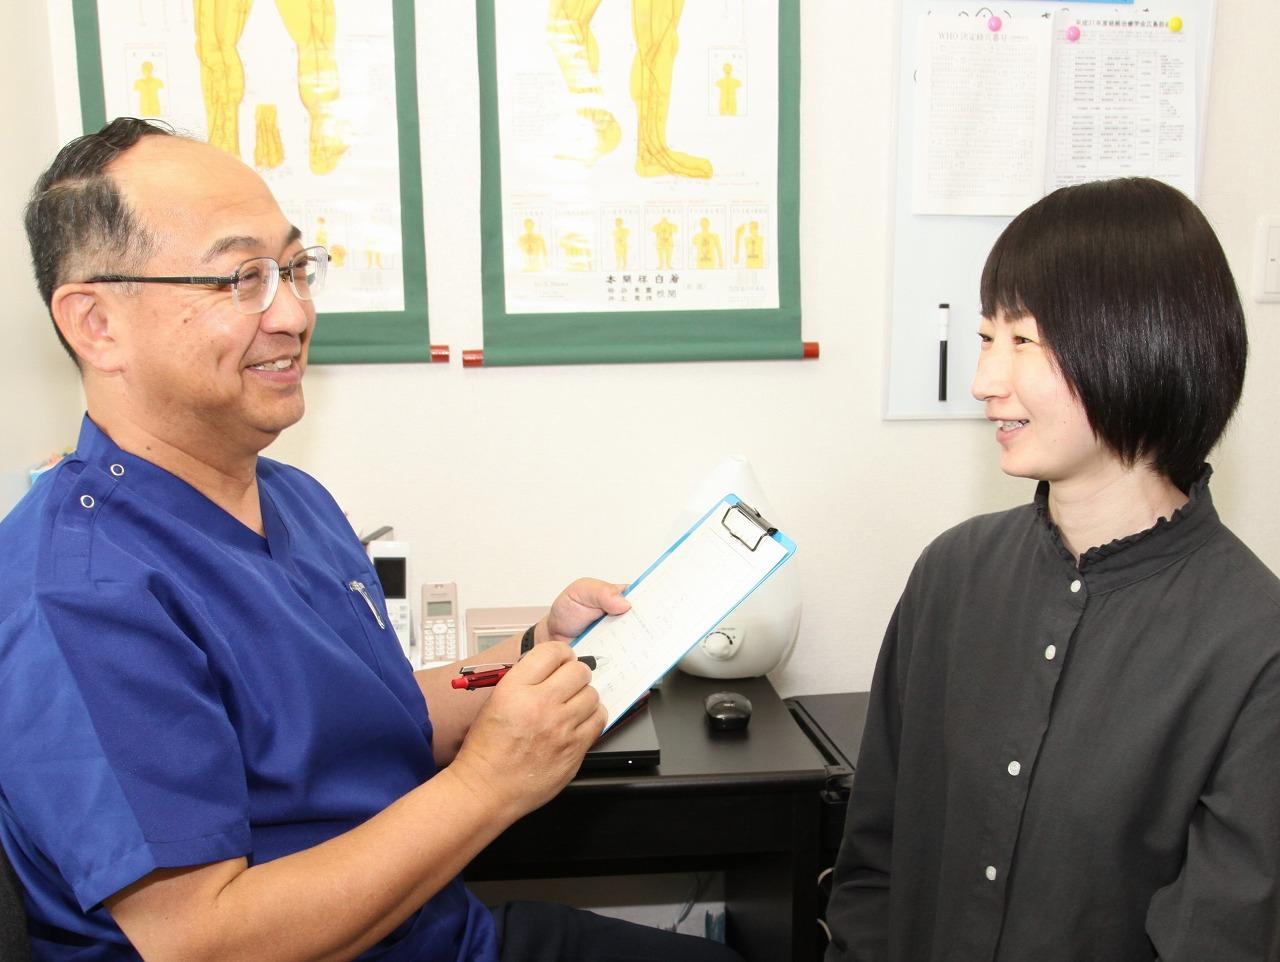 腰痛・肩治療は全身から。最小限の鍼で最大限の効果を。イメージ